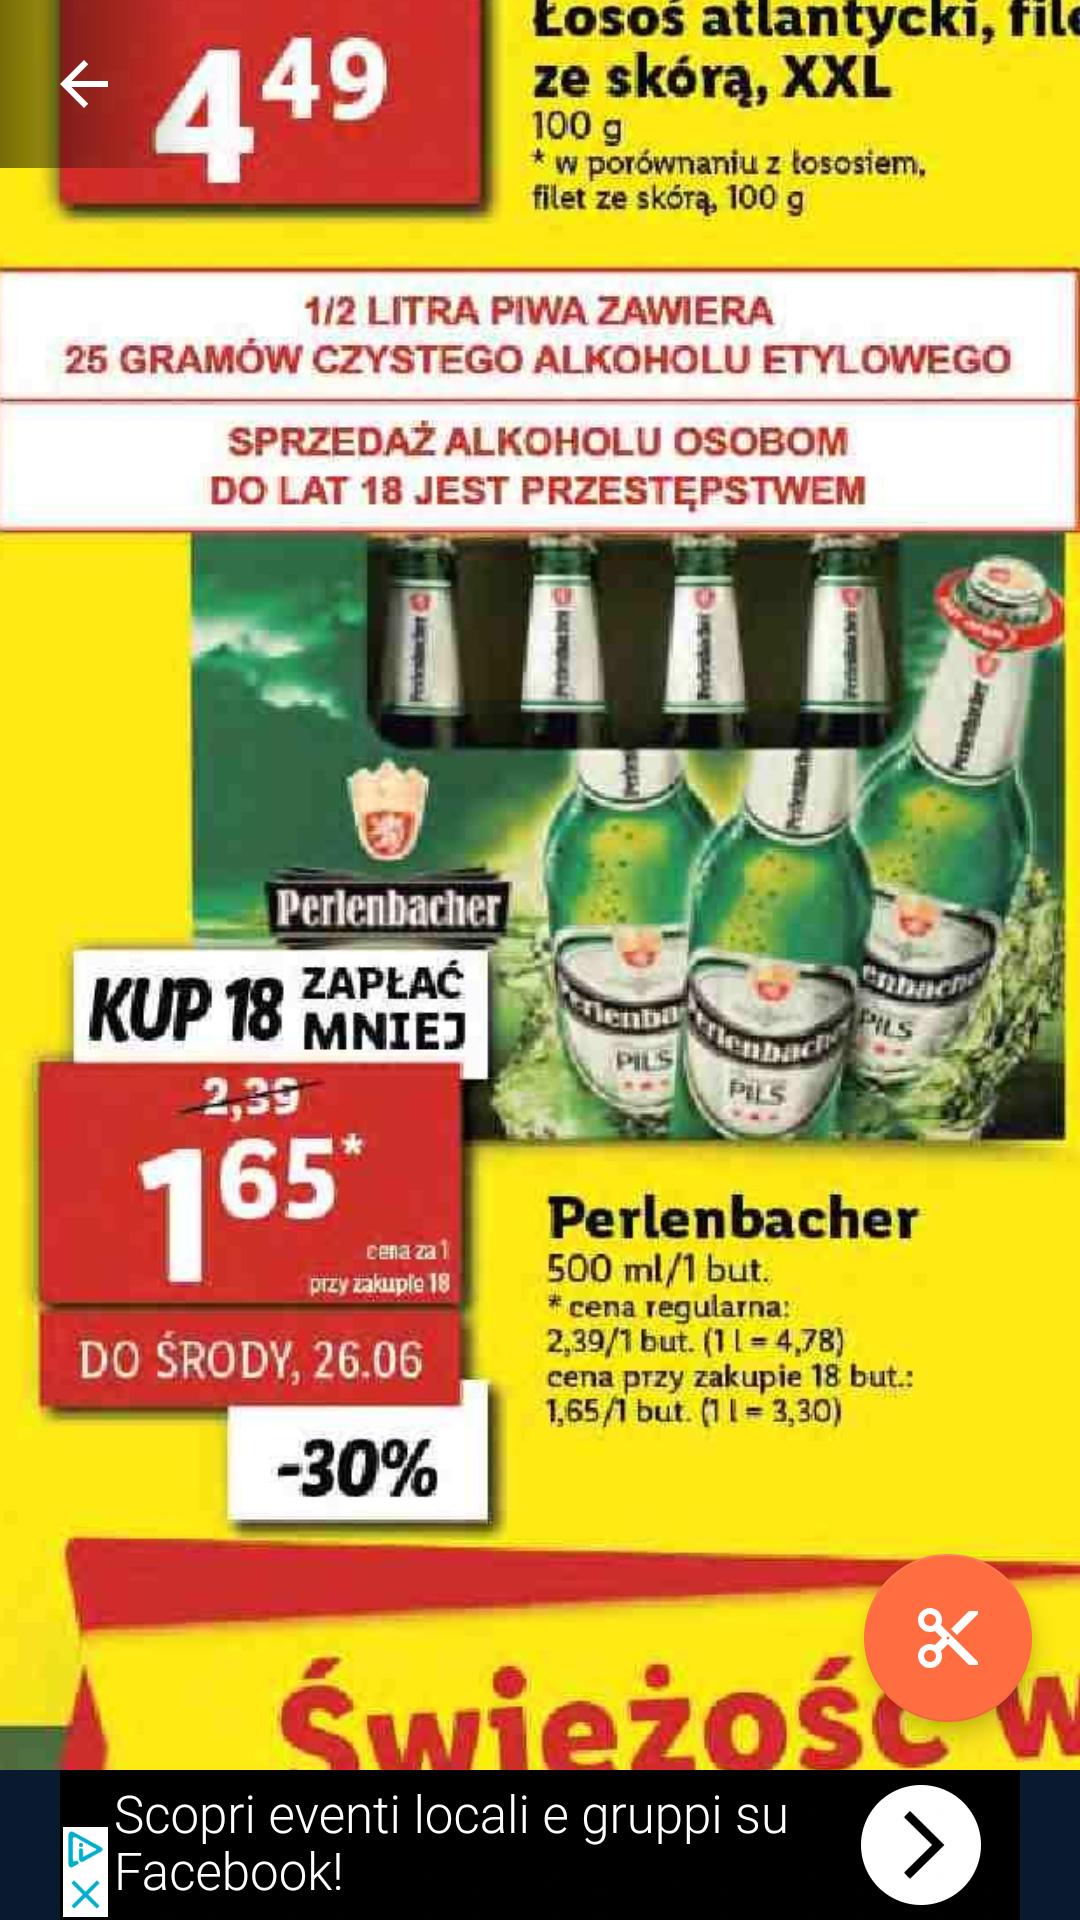 Piwo PERLENBACHER w Lidlu przy zakupie 18szt.